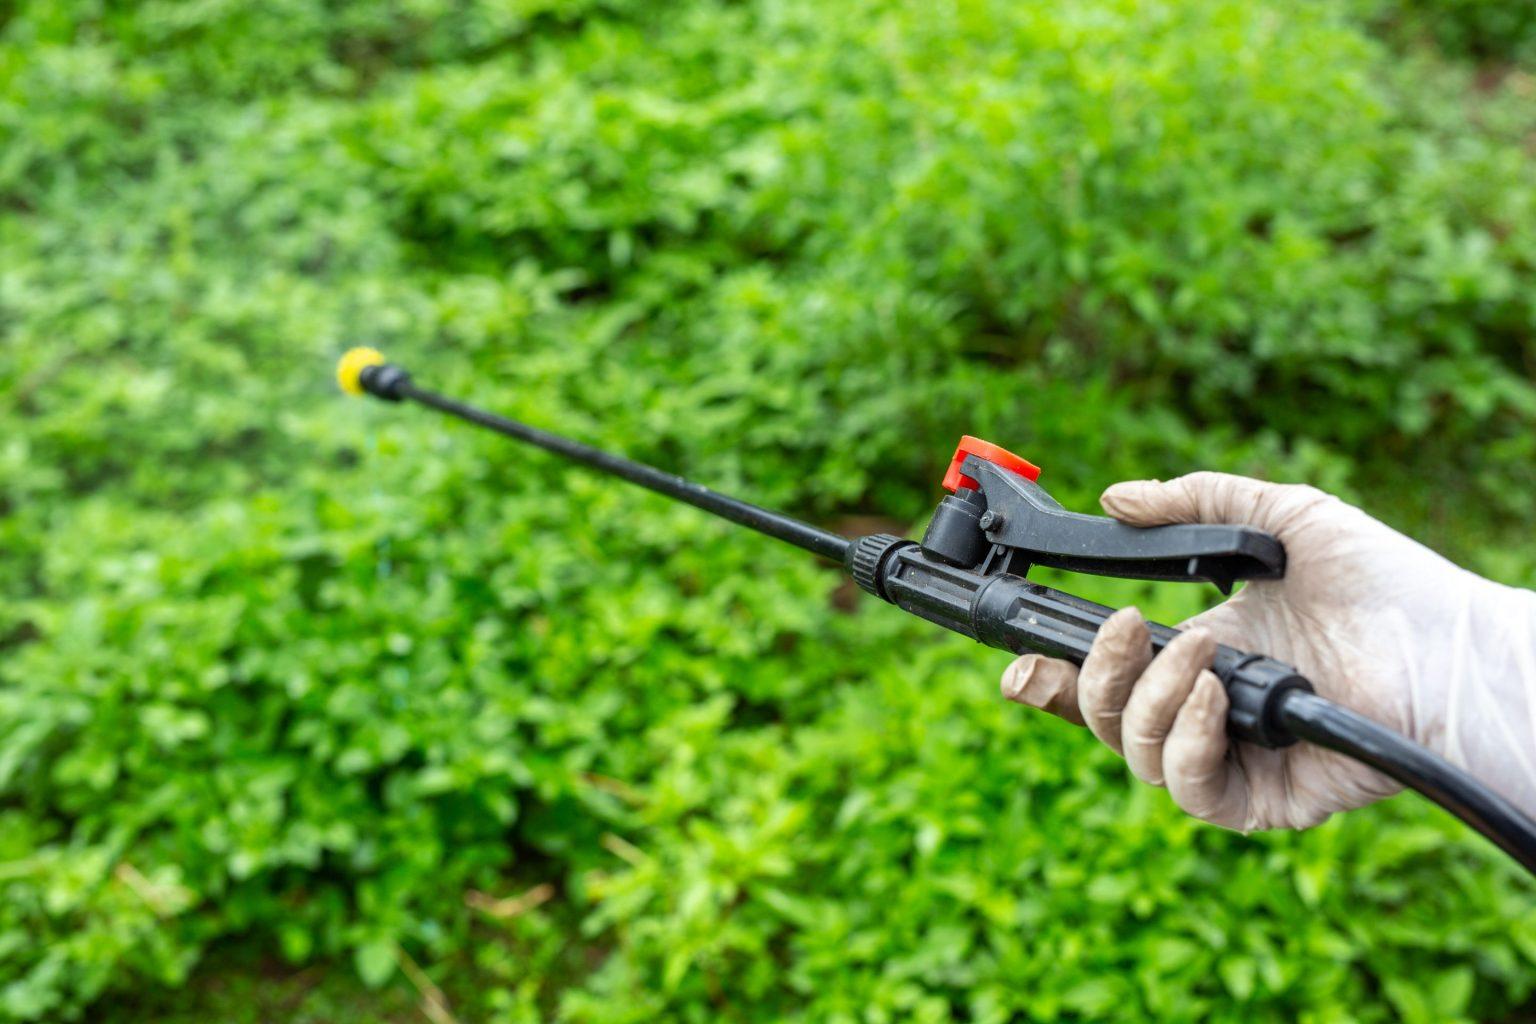 כיצד להתמודד עם מזיקים בגינה